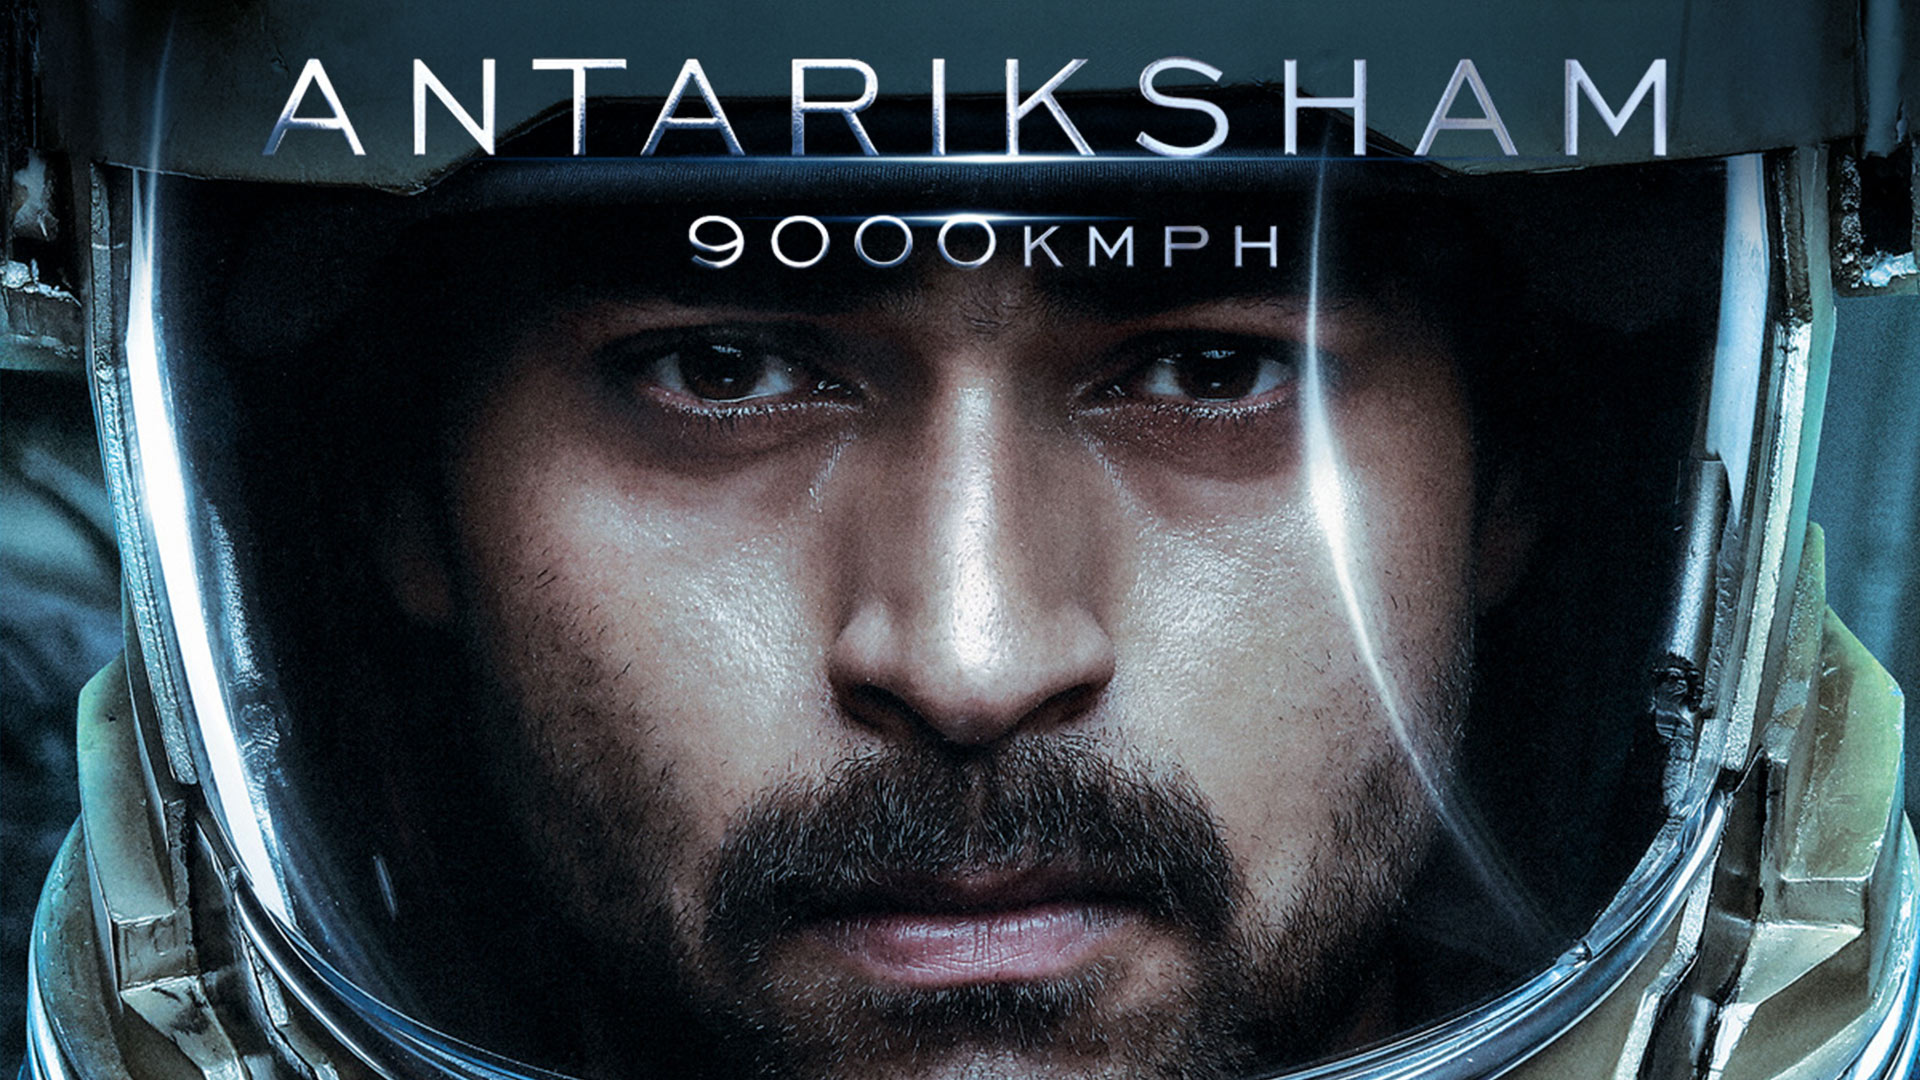 Antariksham 9000KMPH